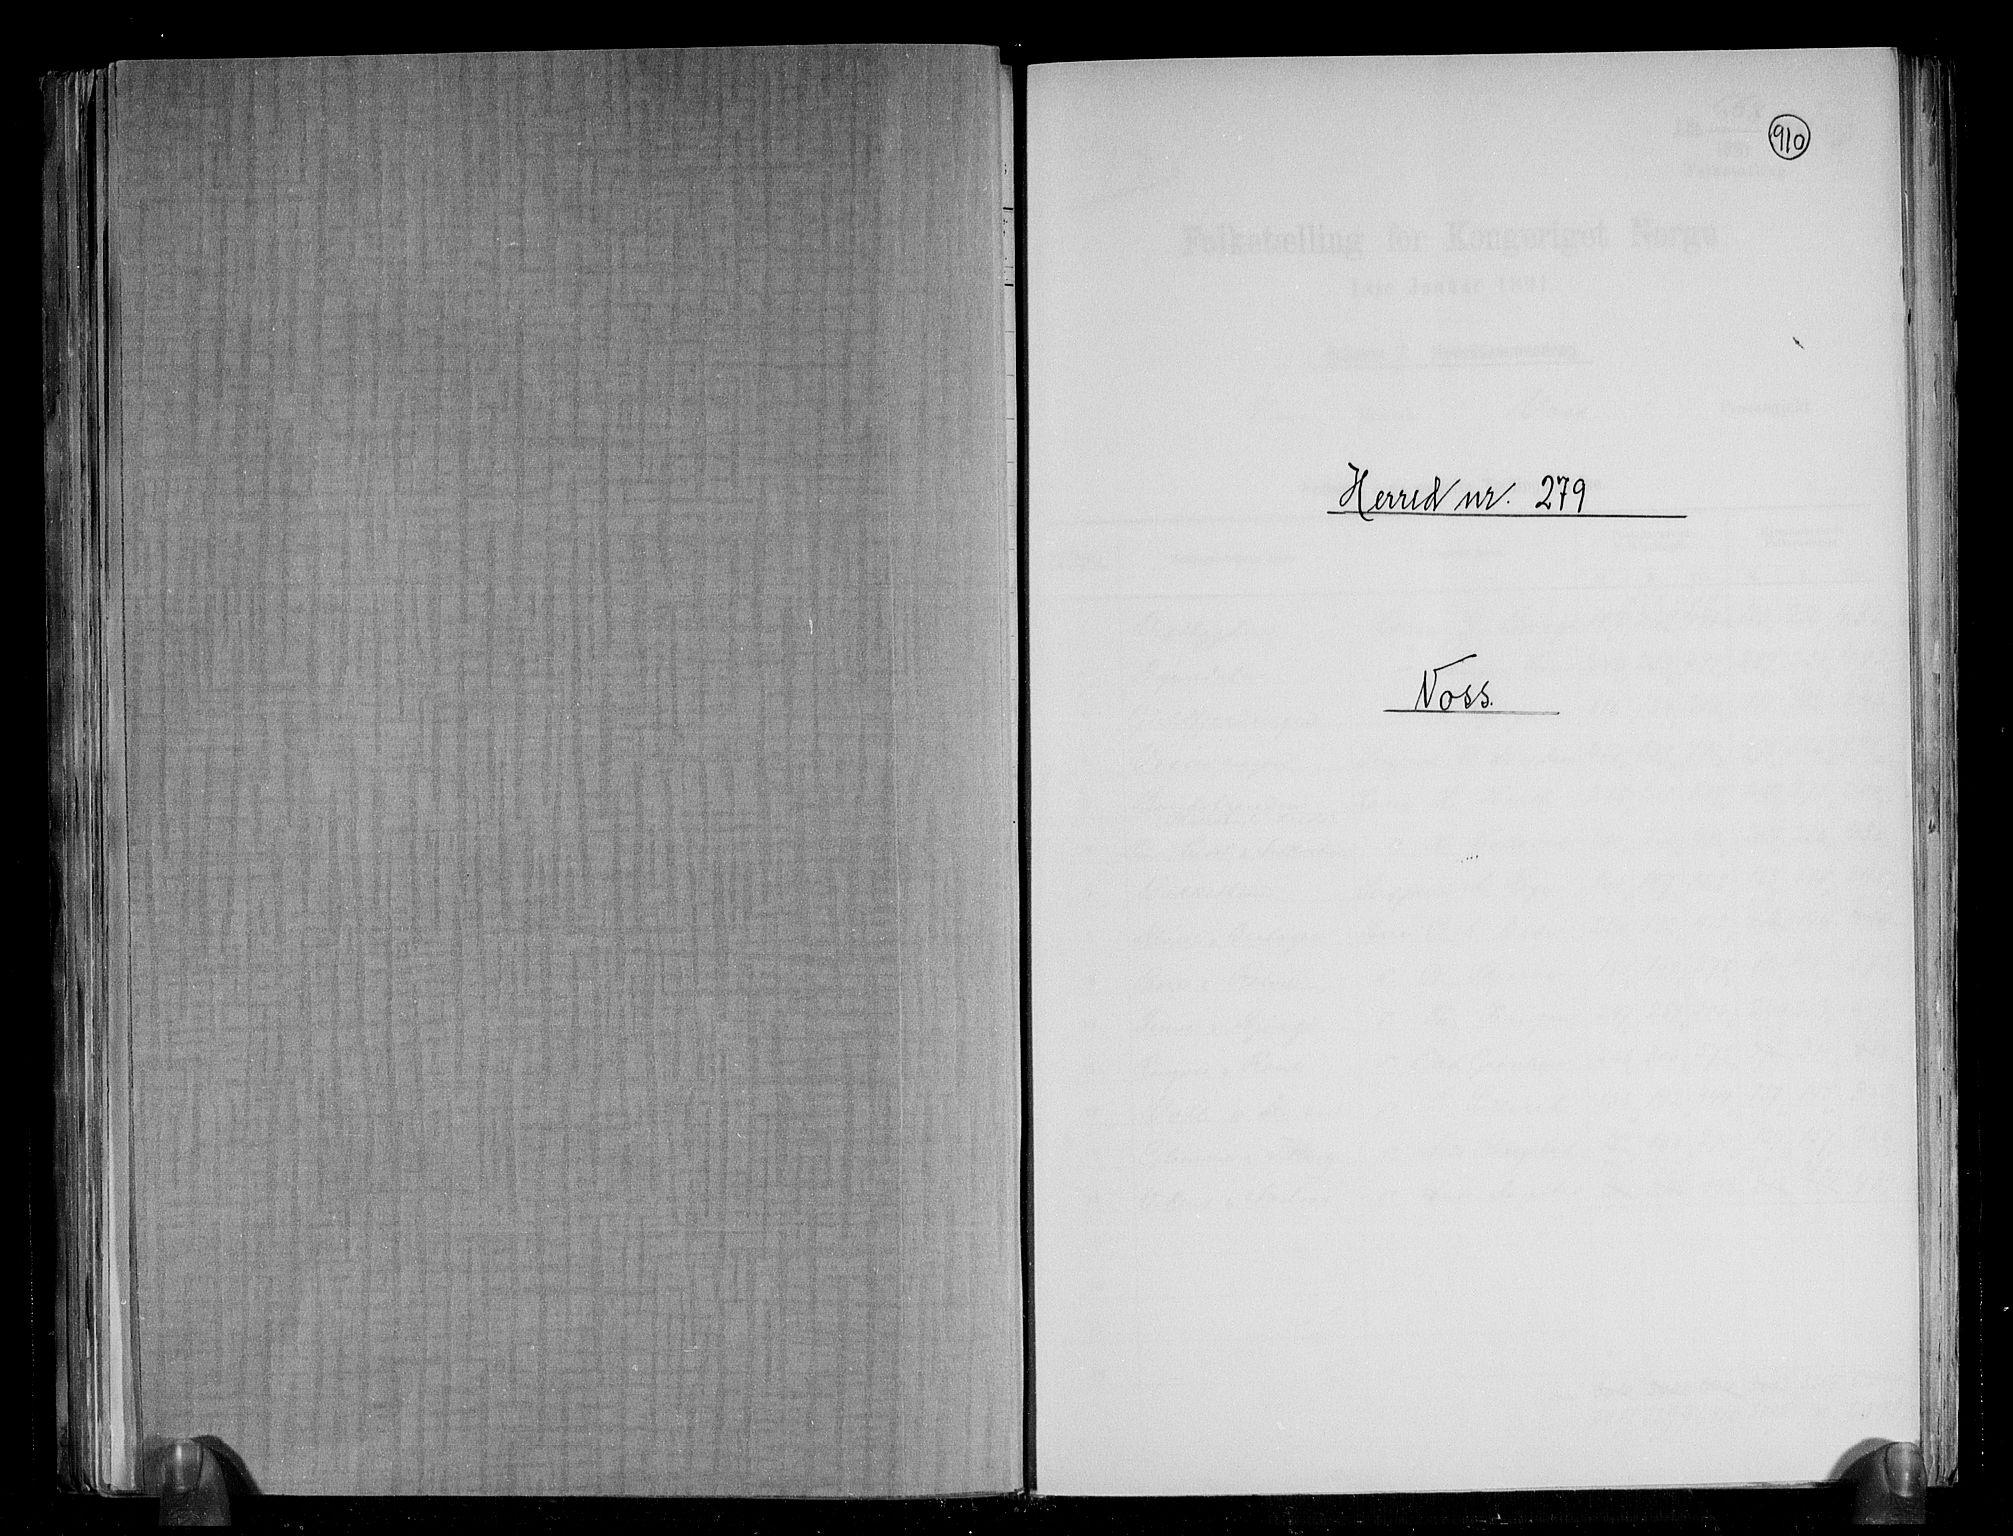 RA, Folketelling 1891 for 1235 Voss herred, 1891, s. 1